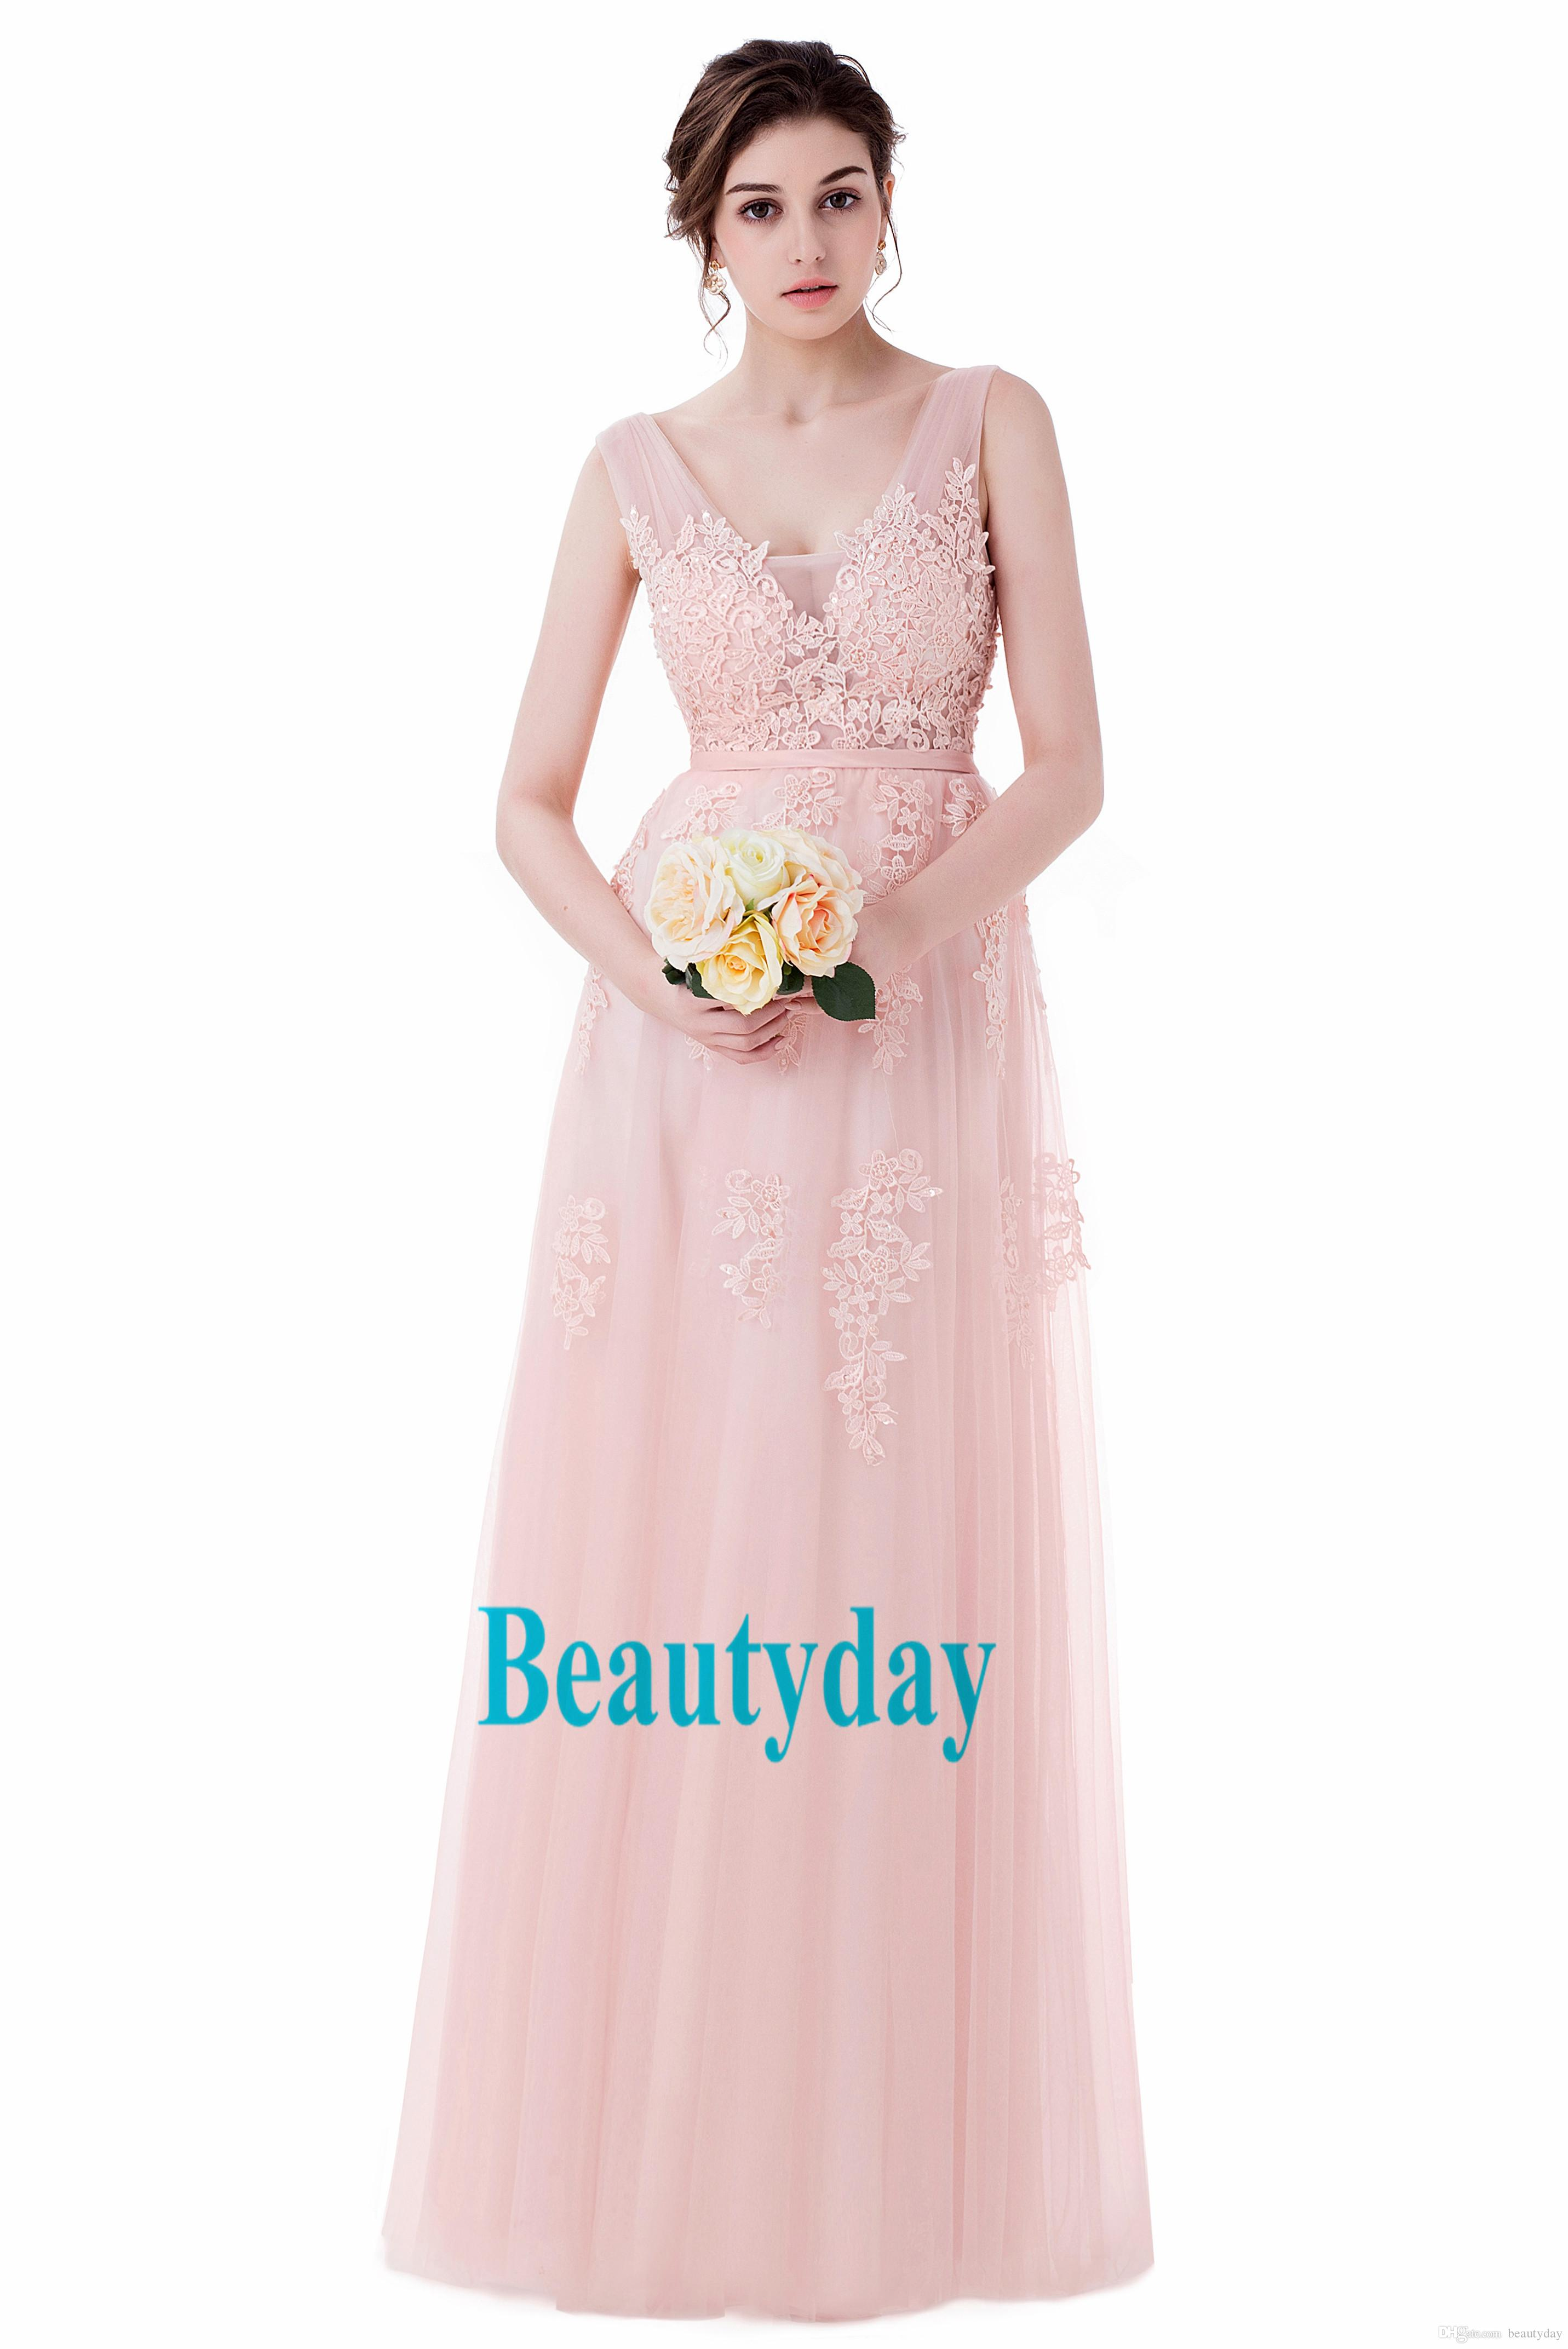 Elegantes vestidos de fiesta Vestido de fiesta del desfile 2019 Vestido formal de mujer con una línea de vestidos de cuello en V espalda abierta Rosa Borgoña encaje de plata en stock